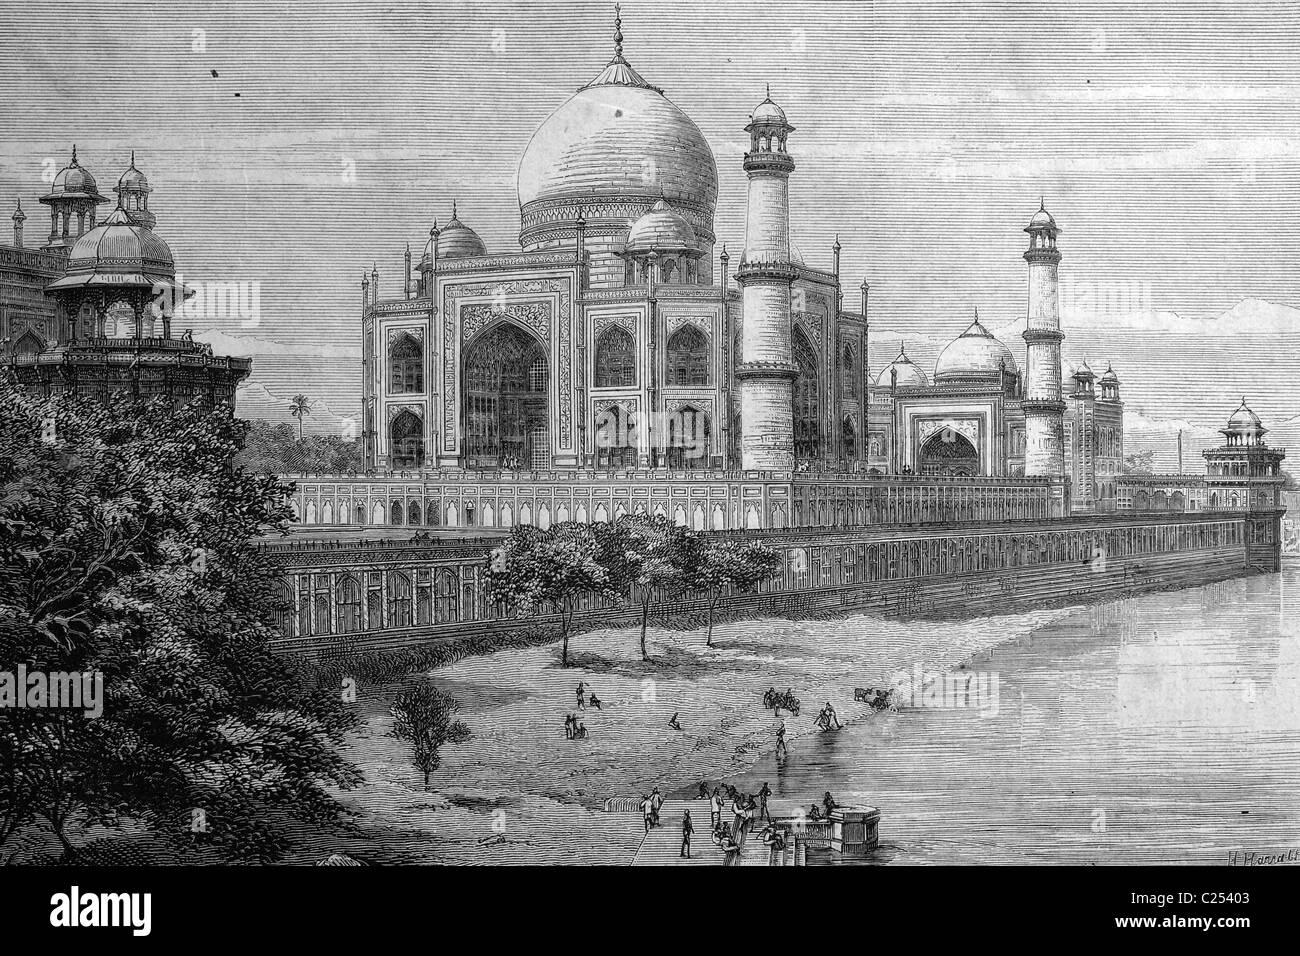 Taj Mahal in Agra, India, historic illustration, 1877 - Stock Image